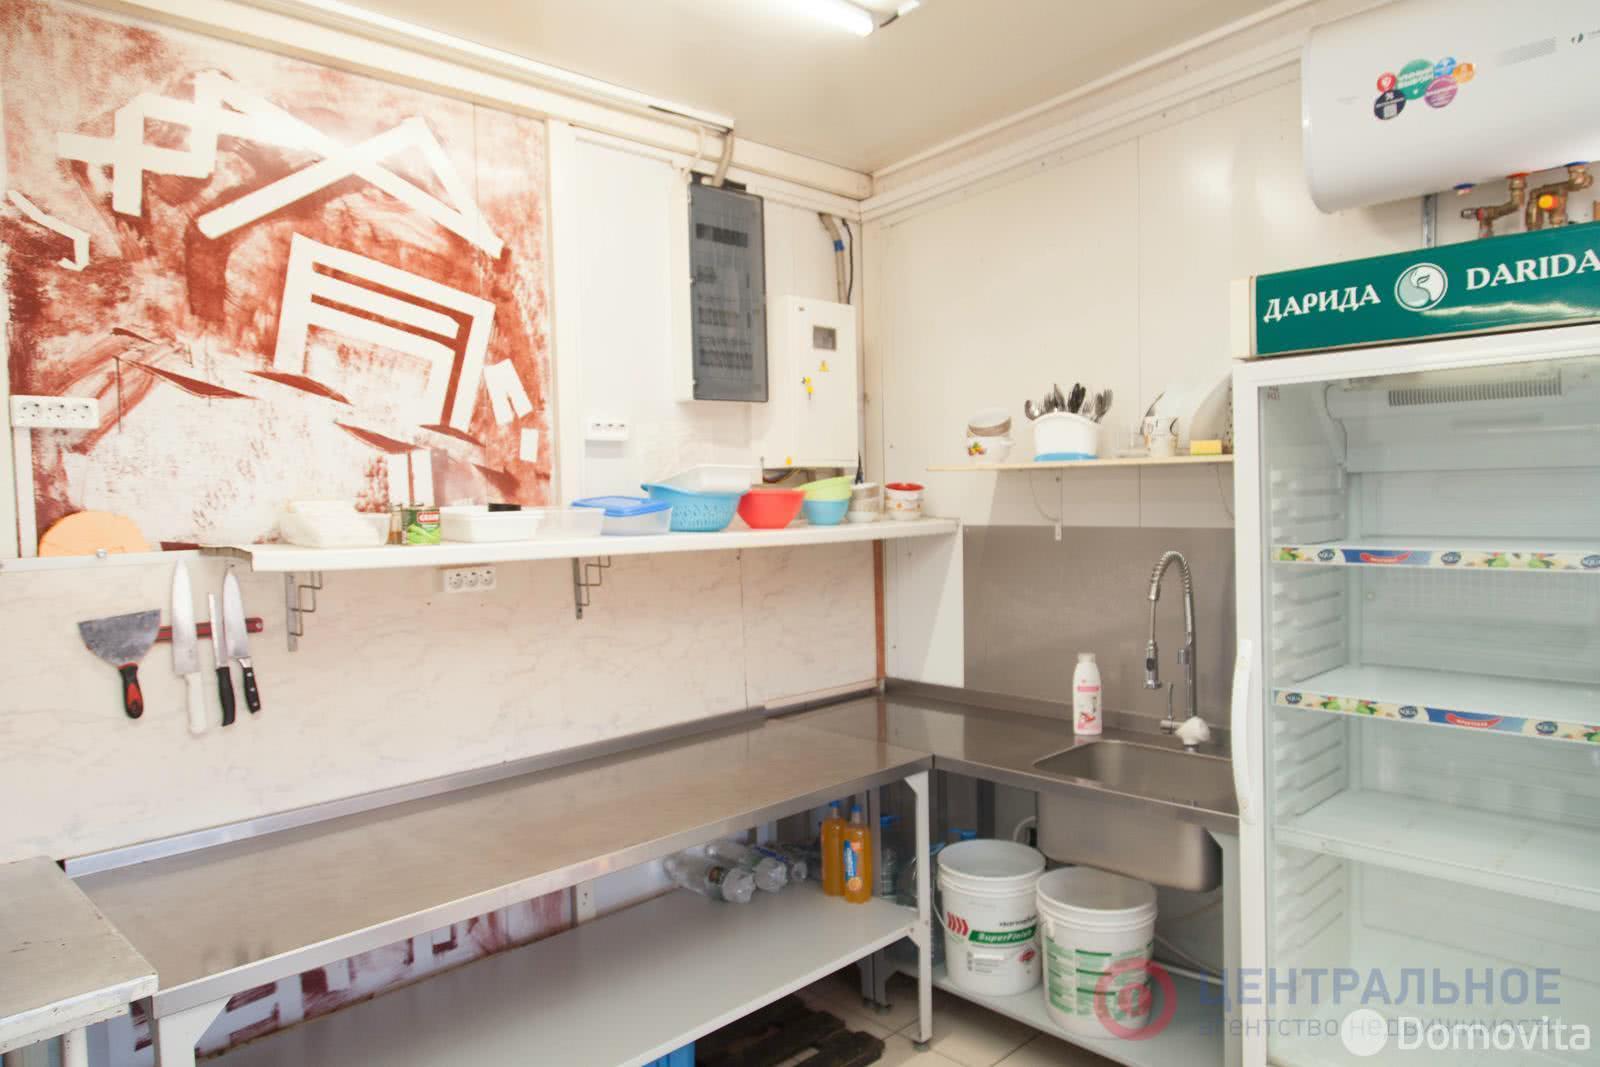 Купить помещение под сферу услуг в Минске, ул. Тимирязева, д. 129/1 - фото 6